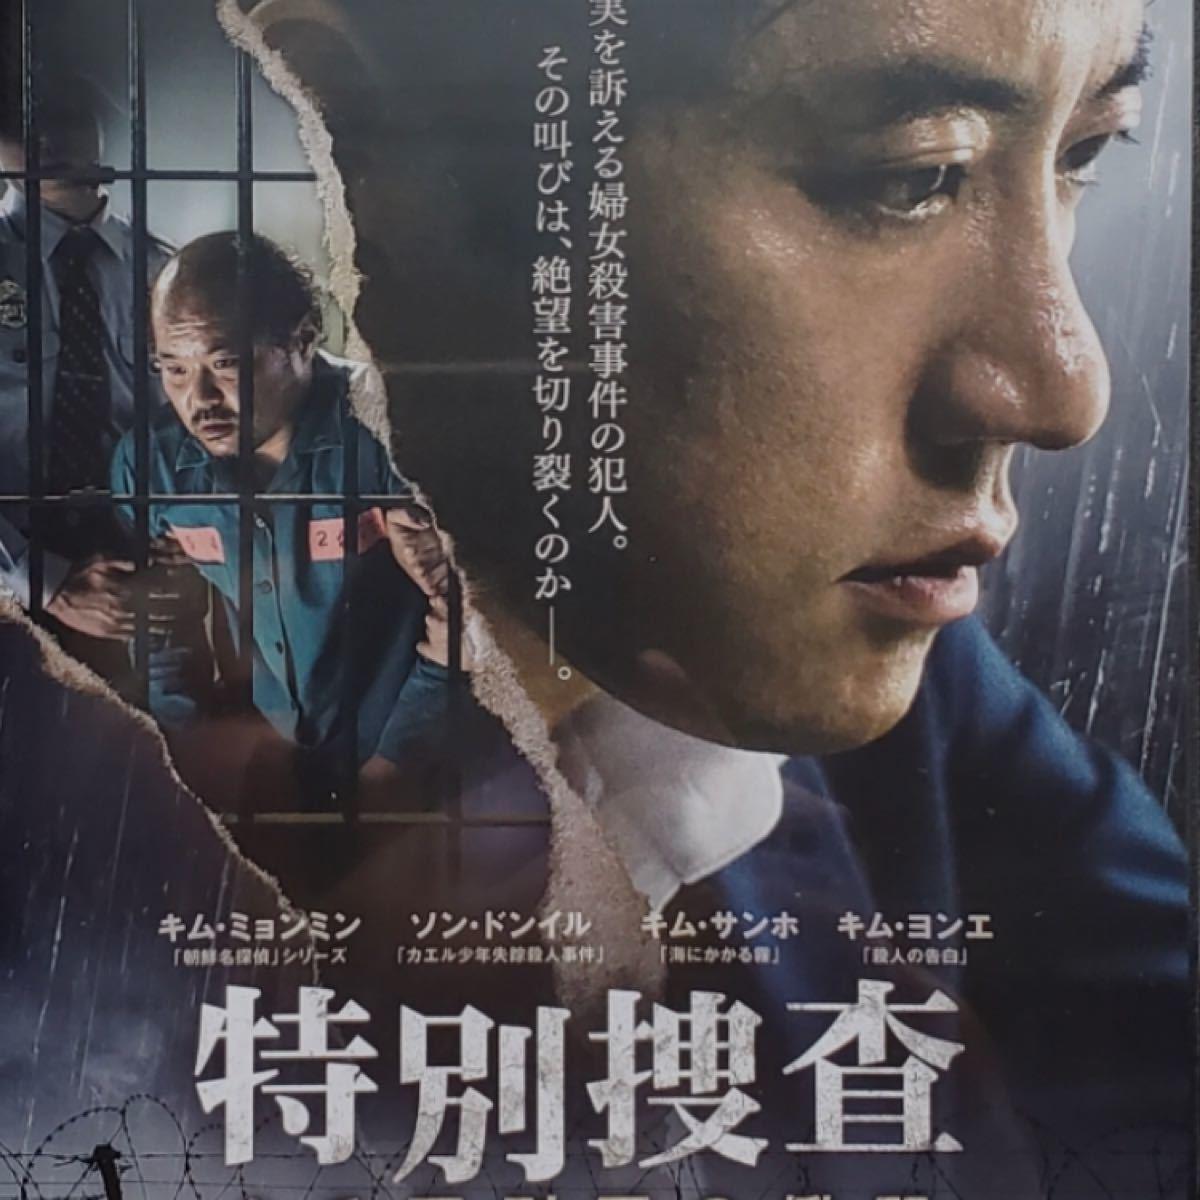 韓国映画  特別捜査  ある死刑囚の慟哭  DVD  日本語吹替有り  レーベル有り